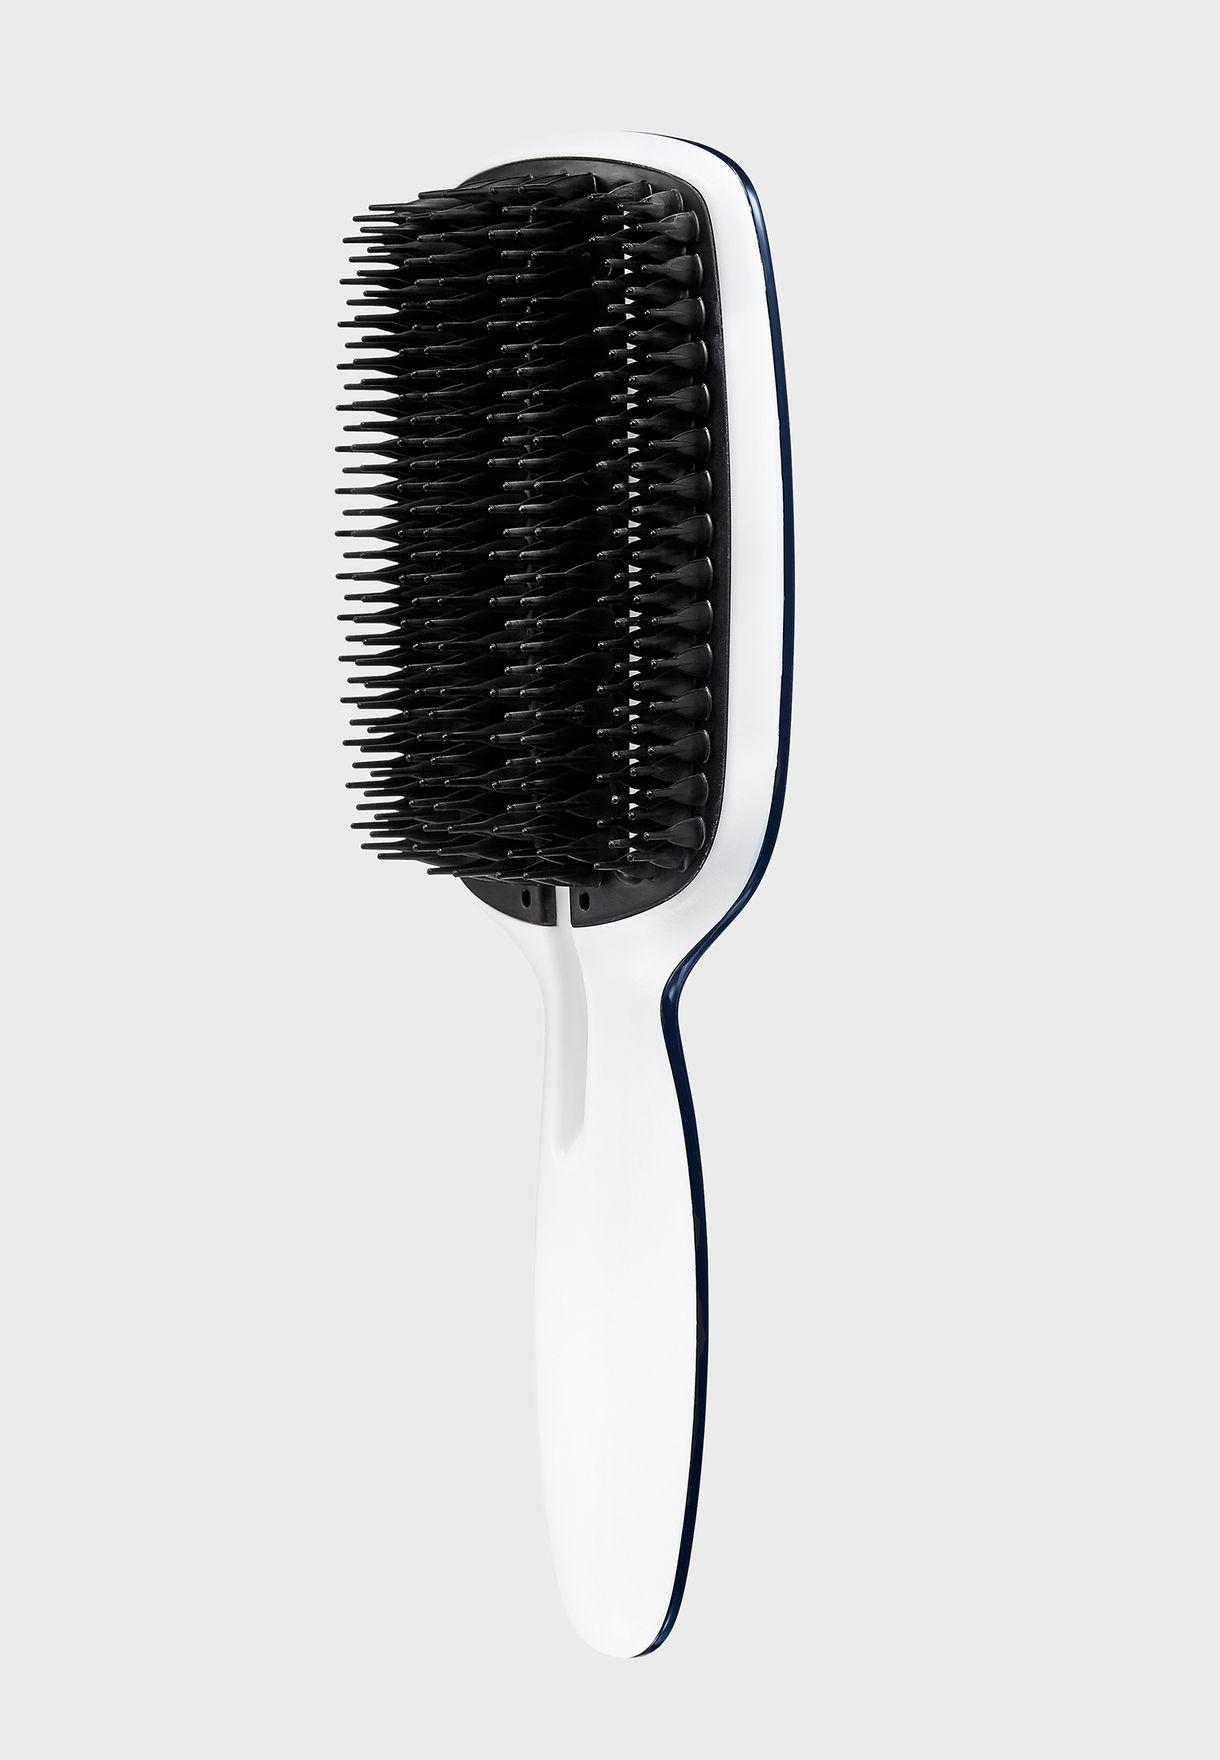 فرشاة شعر لتجفيف الشعر المبلل